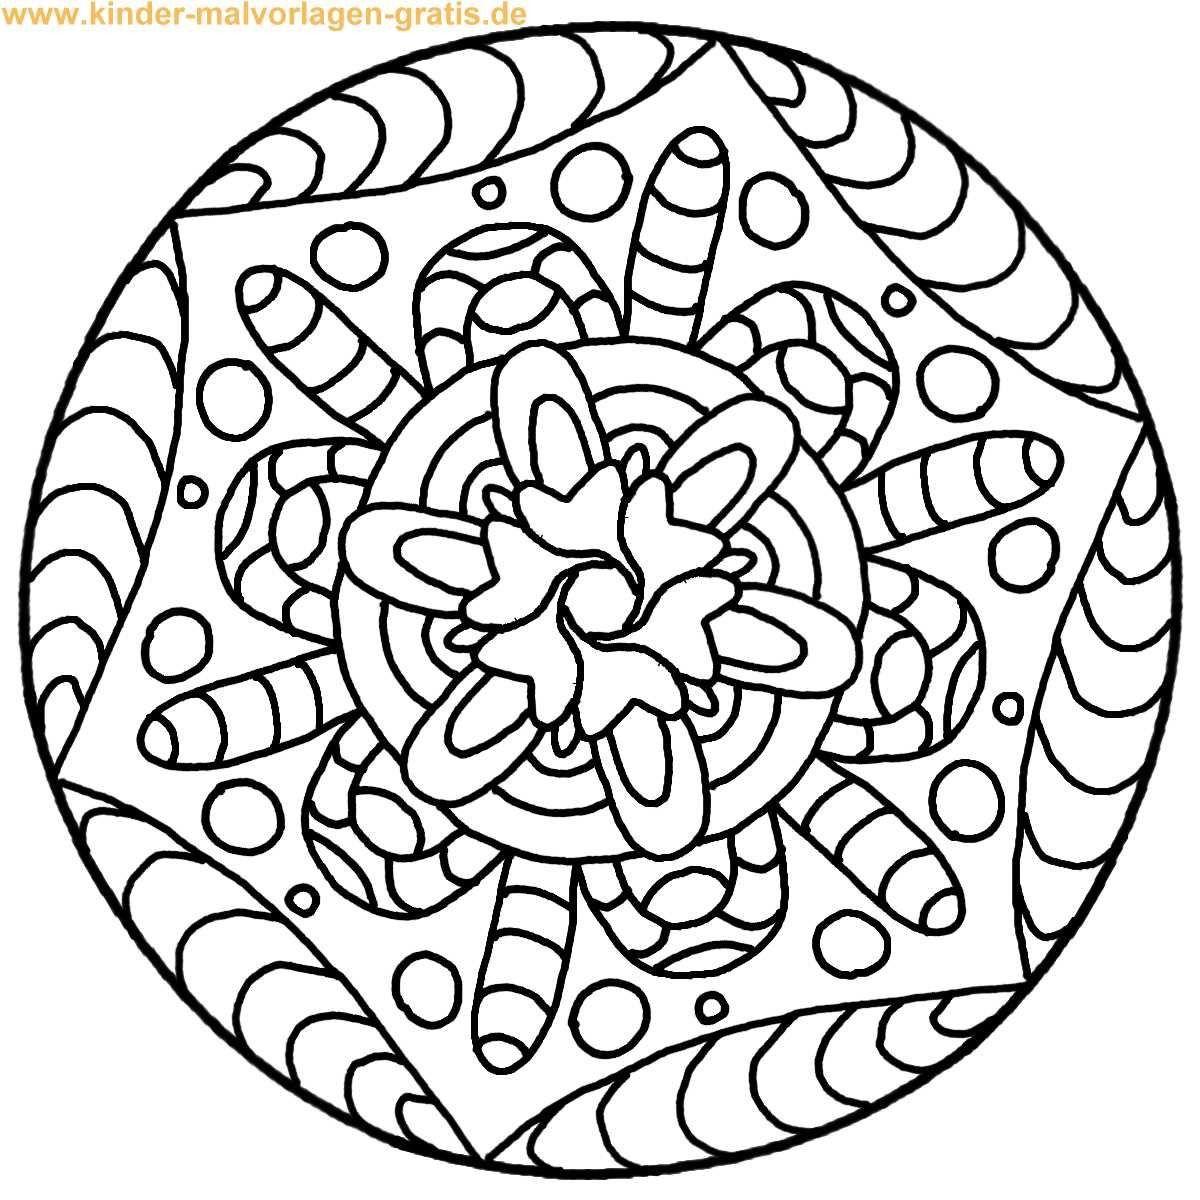 Malvorlagen Mandala Gratis In 2021 Mandala Coloring Pages Mandala Coloring Colorful Drawings